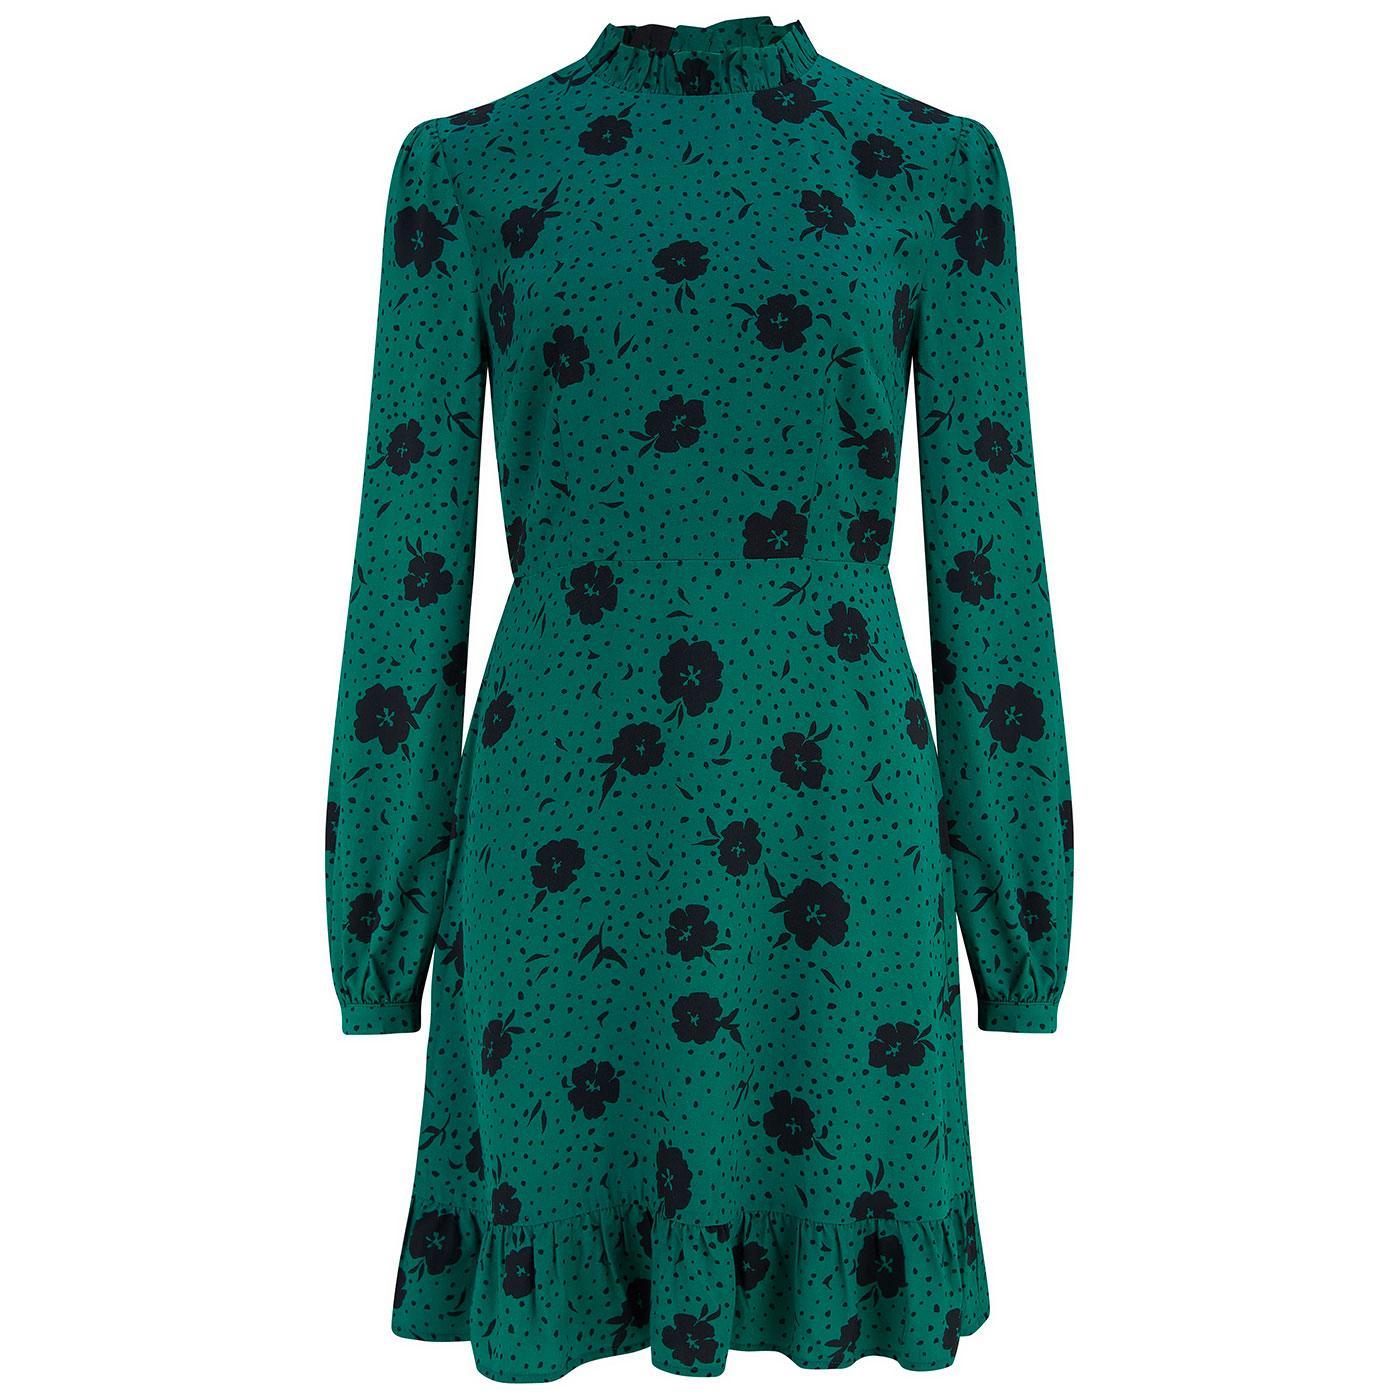 Cassia SUGARHILL Retro Frill Mini Dress in Green